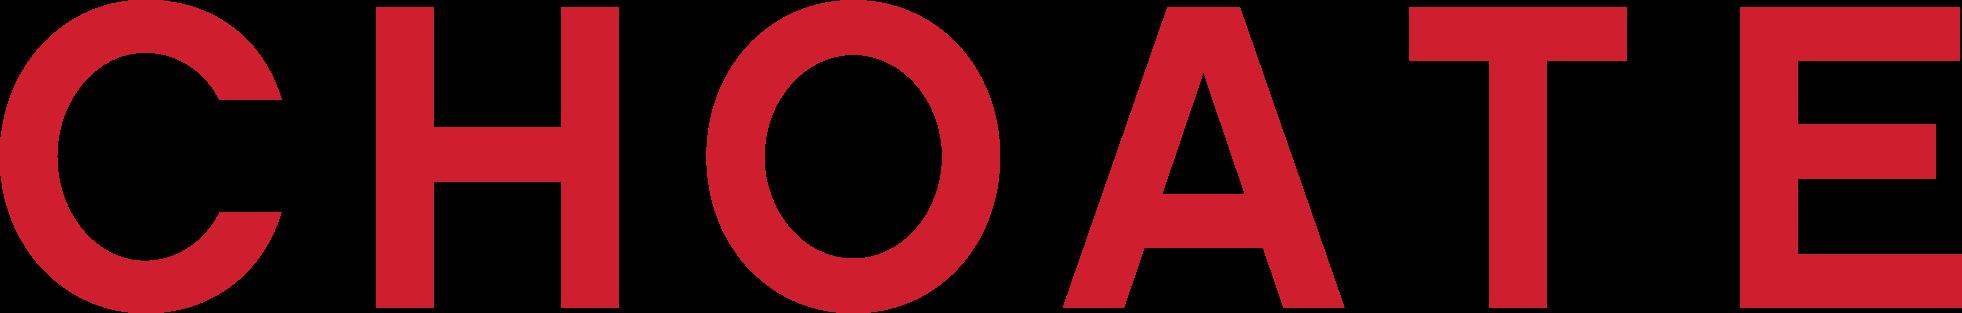 2017 CHS logo.png